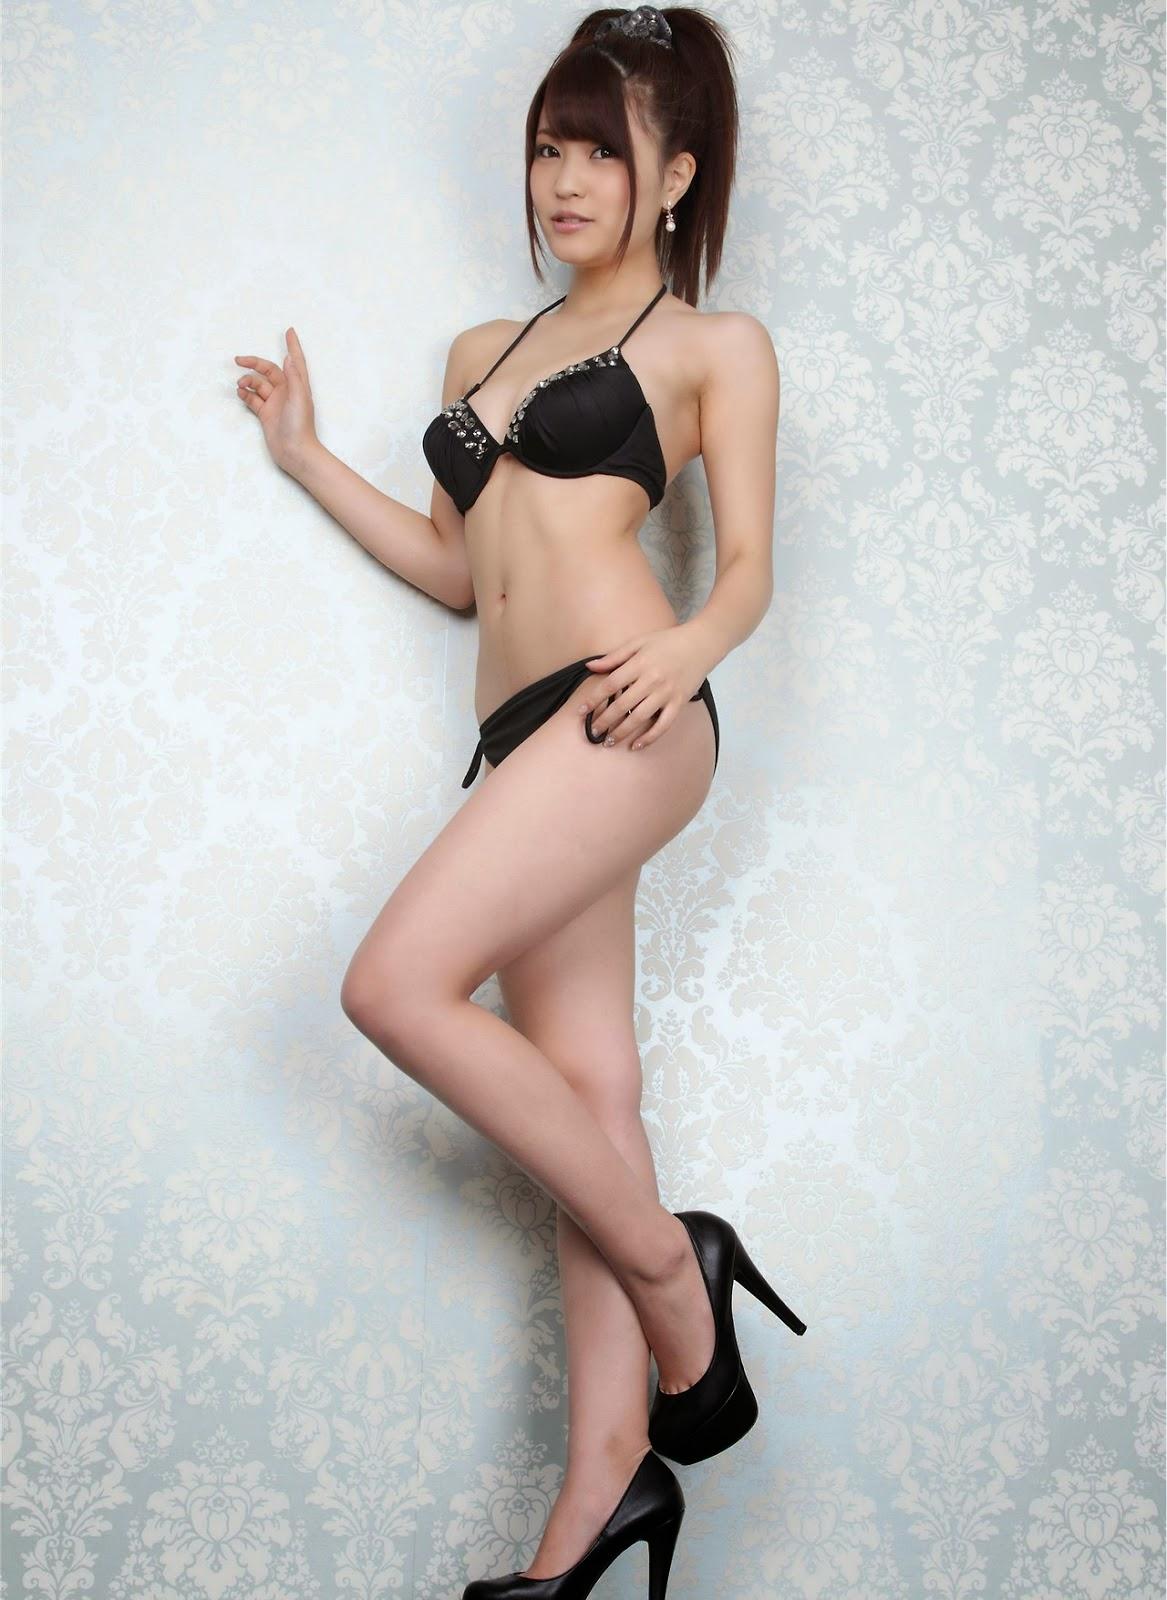 Ảnh gái đẹp Asuka Kishi siêu mẫu nội y cực dâm 3